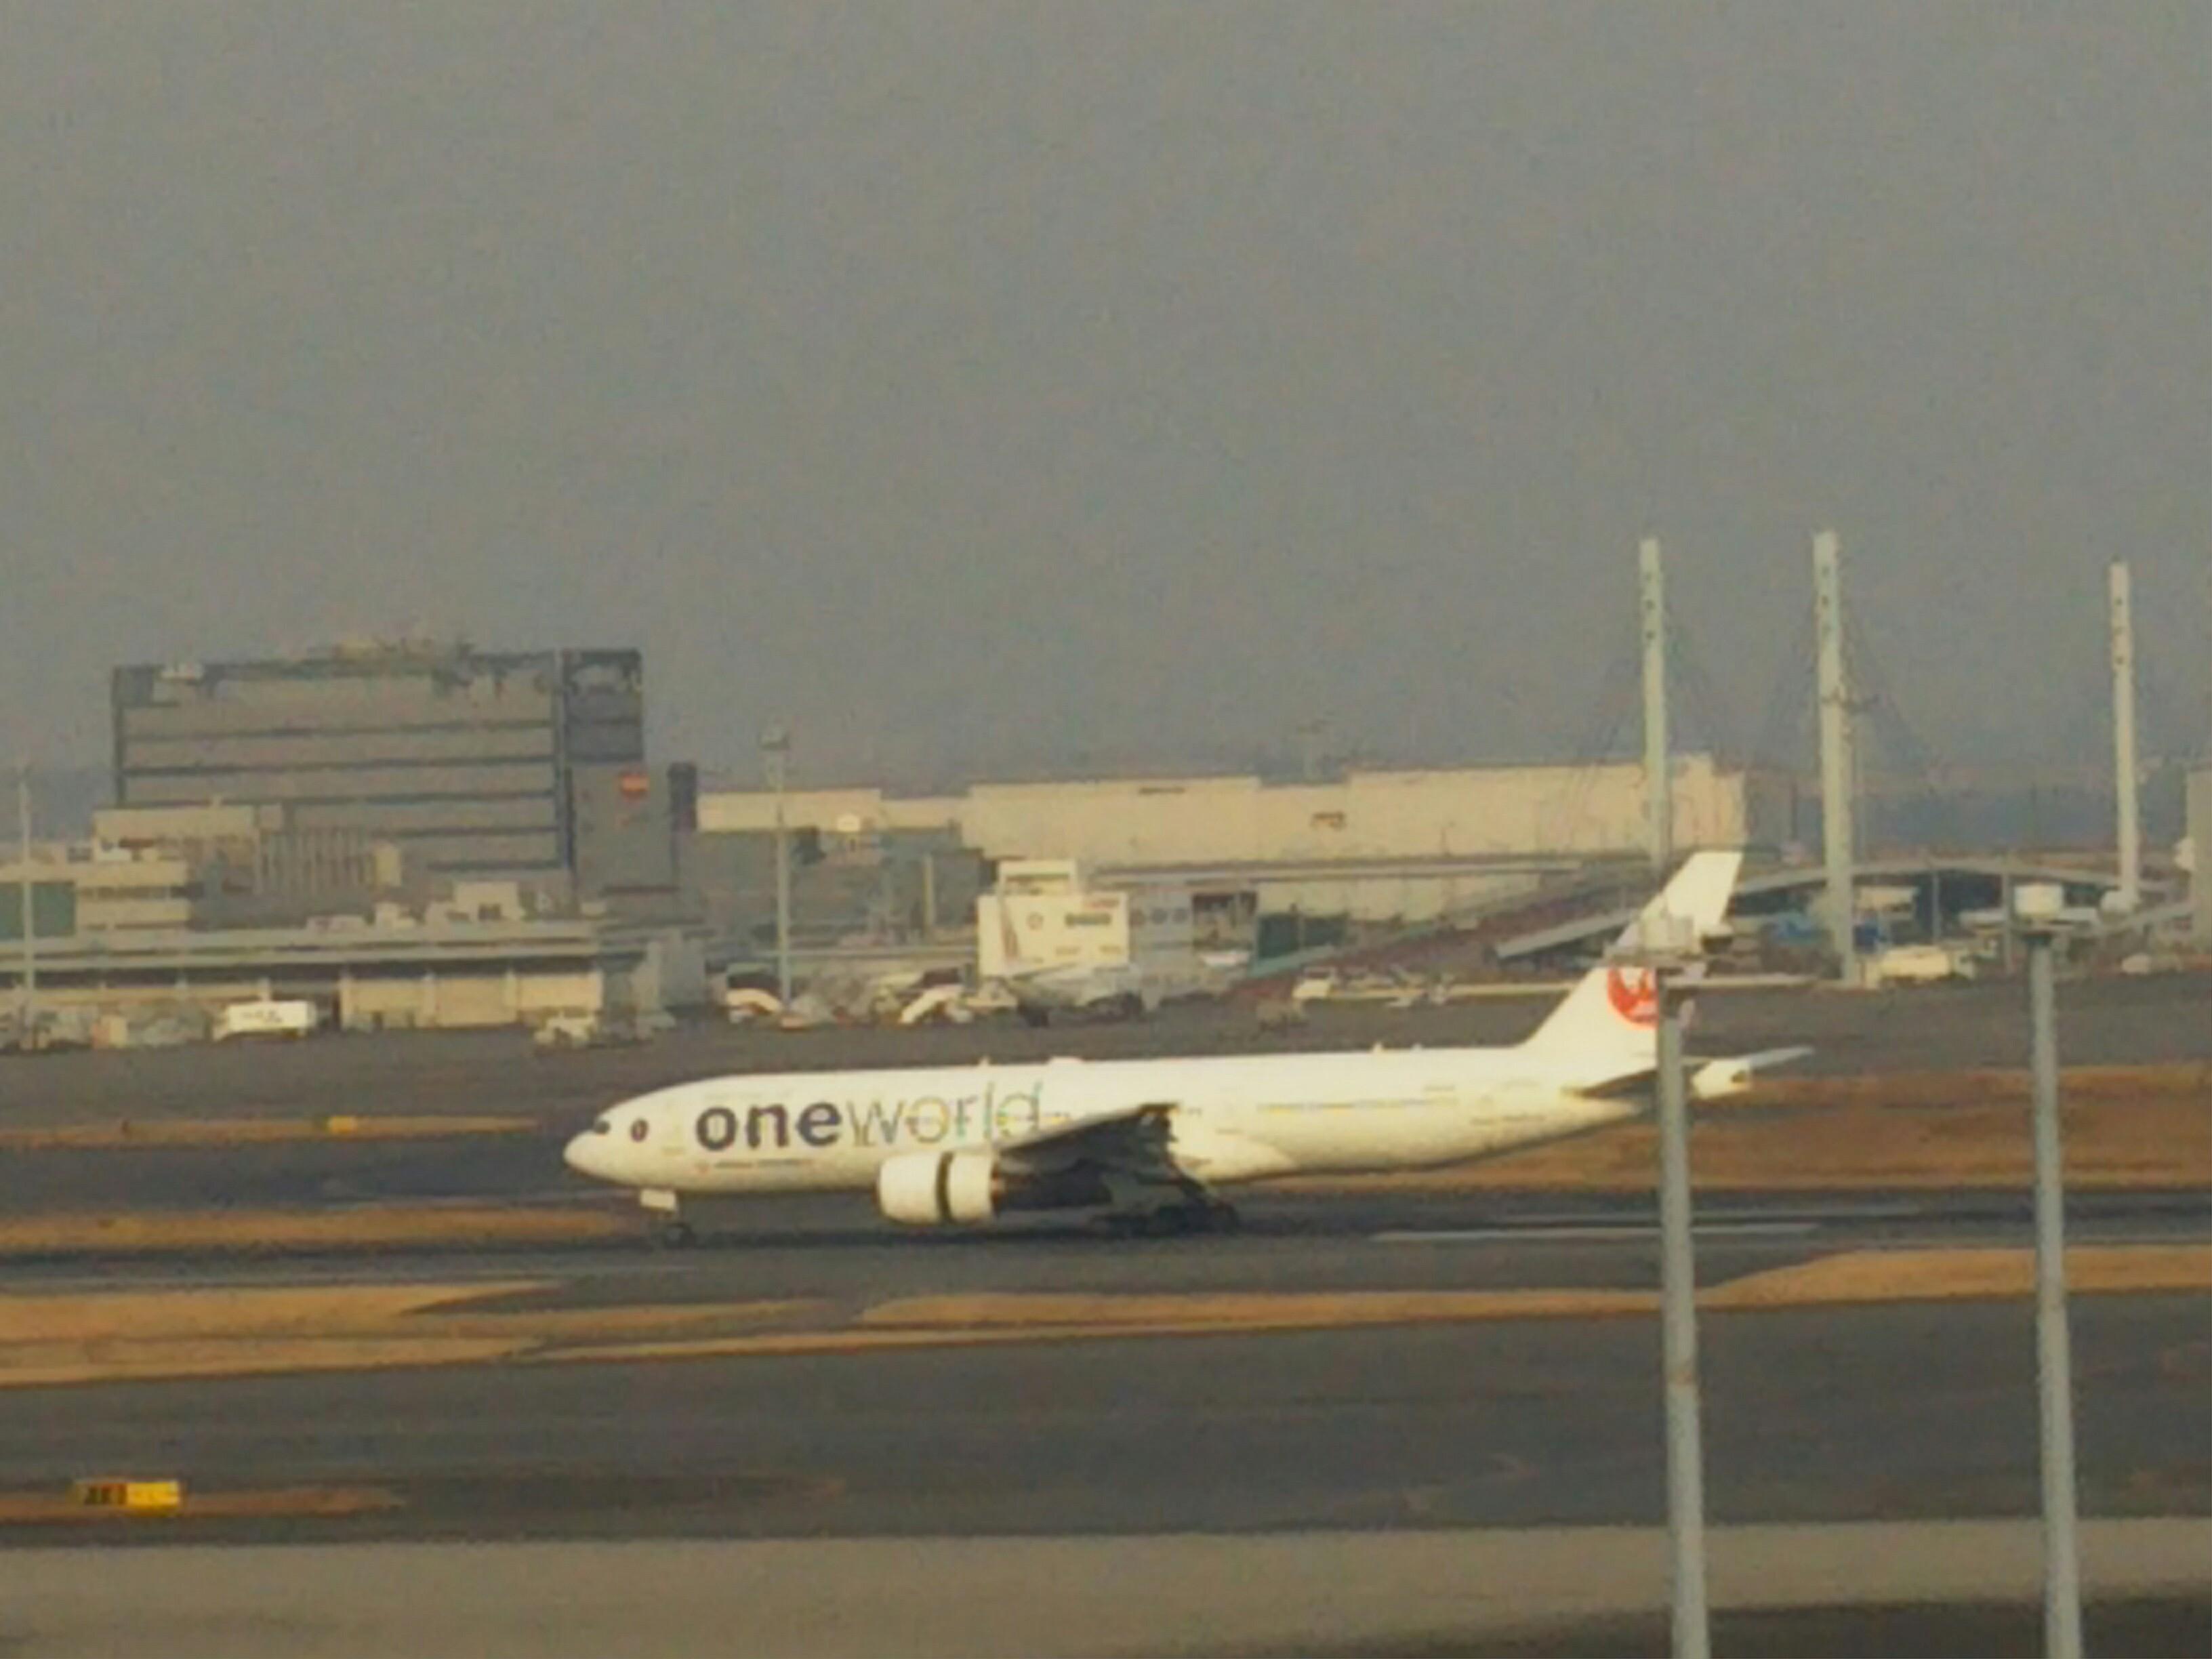 f:id:A350-900:20210109215133j:image